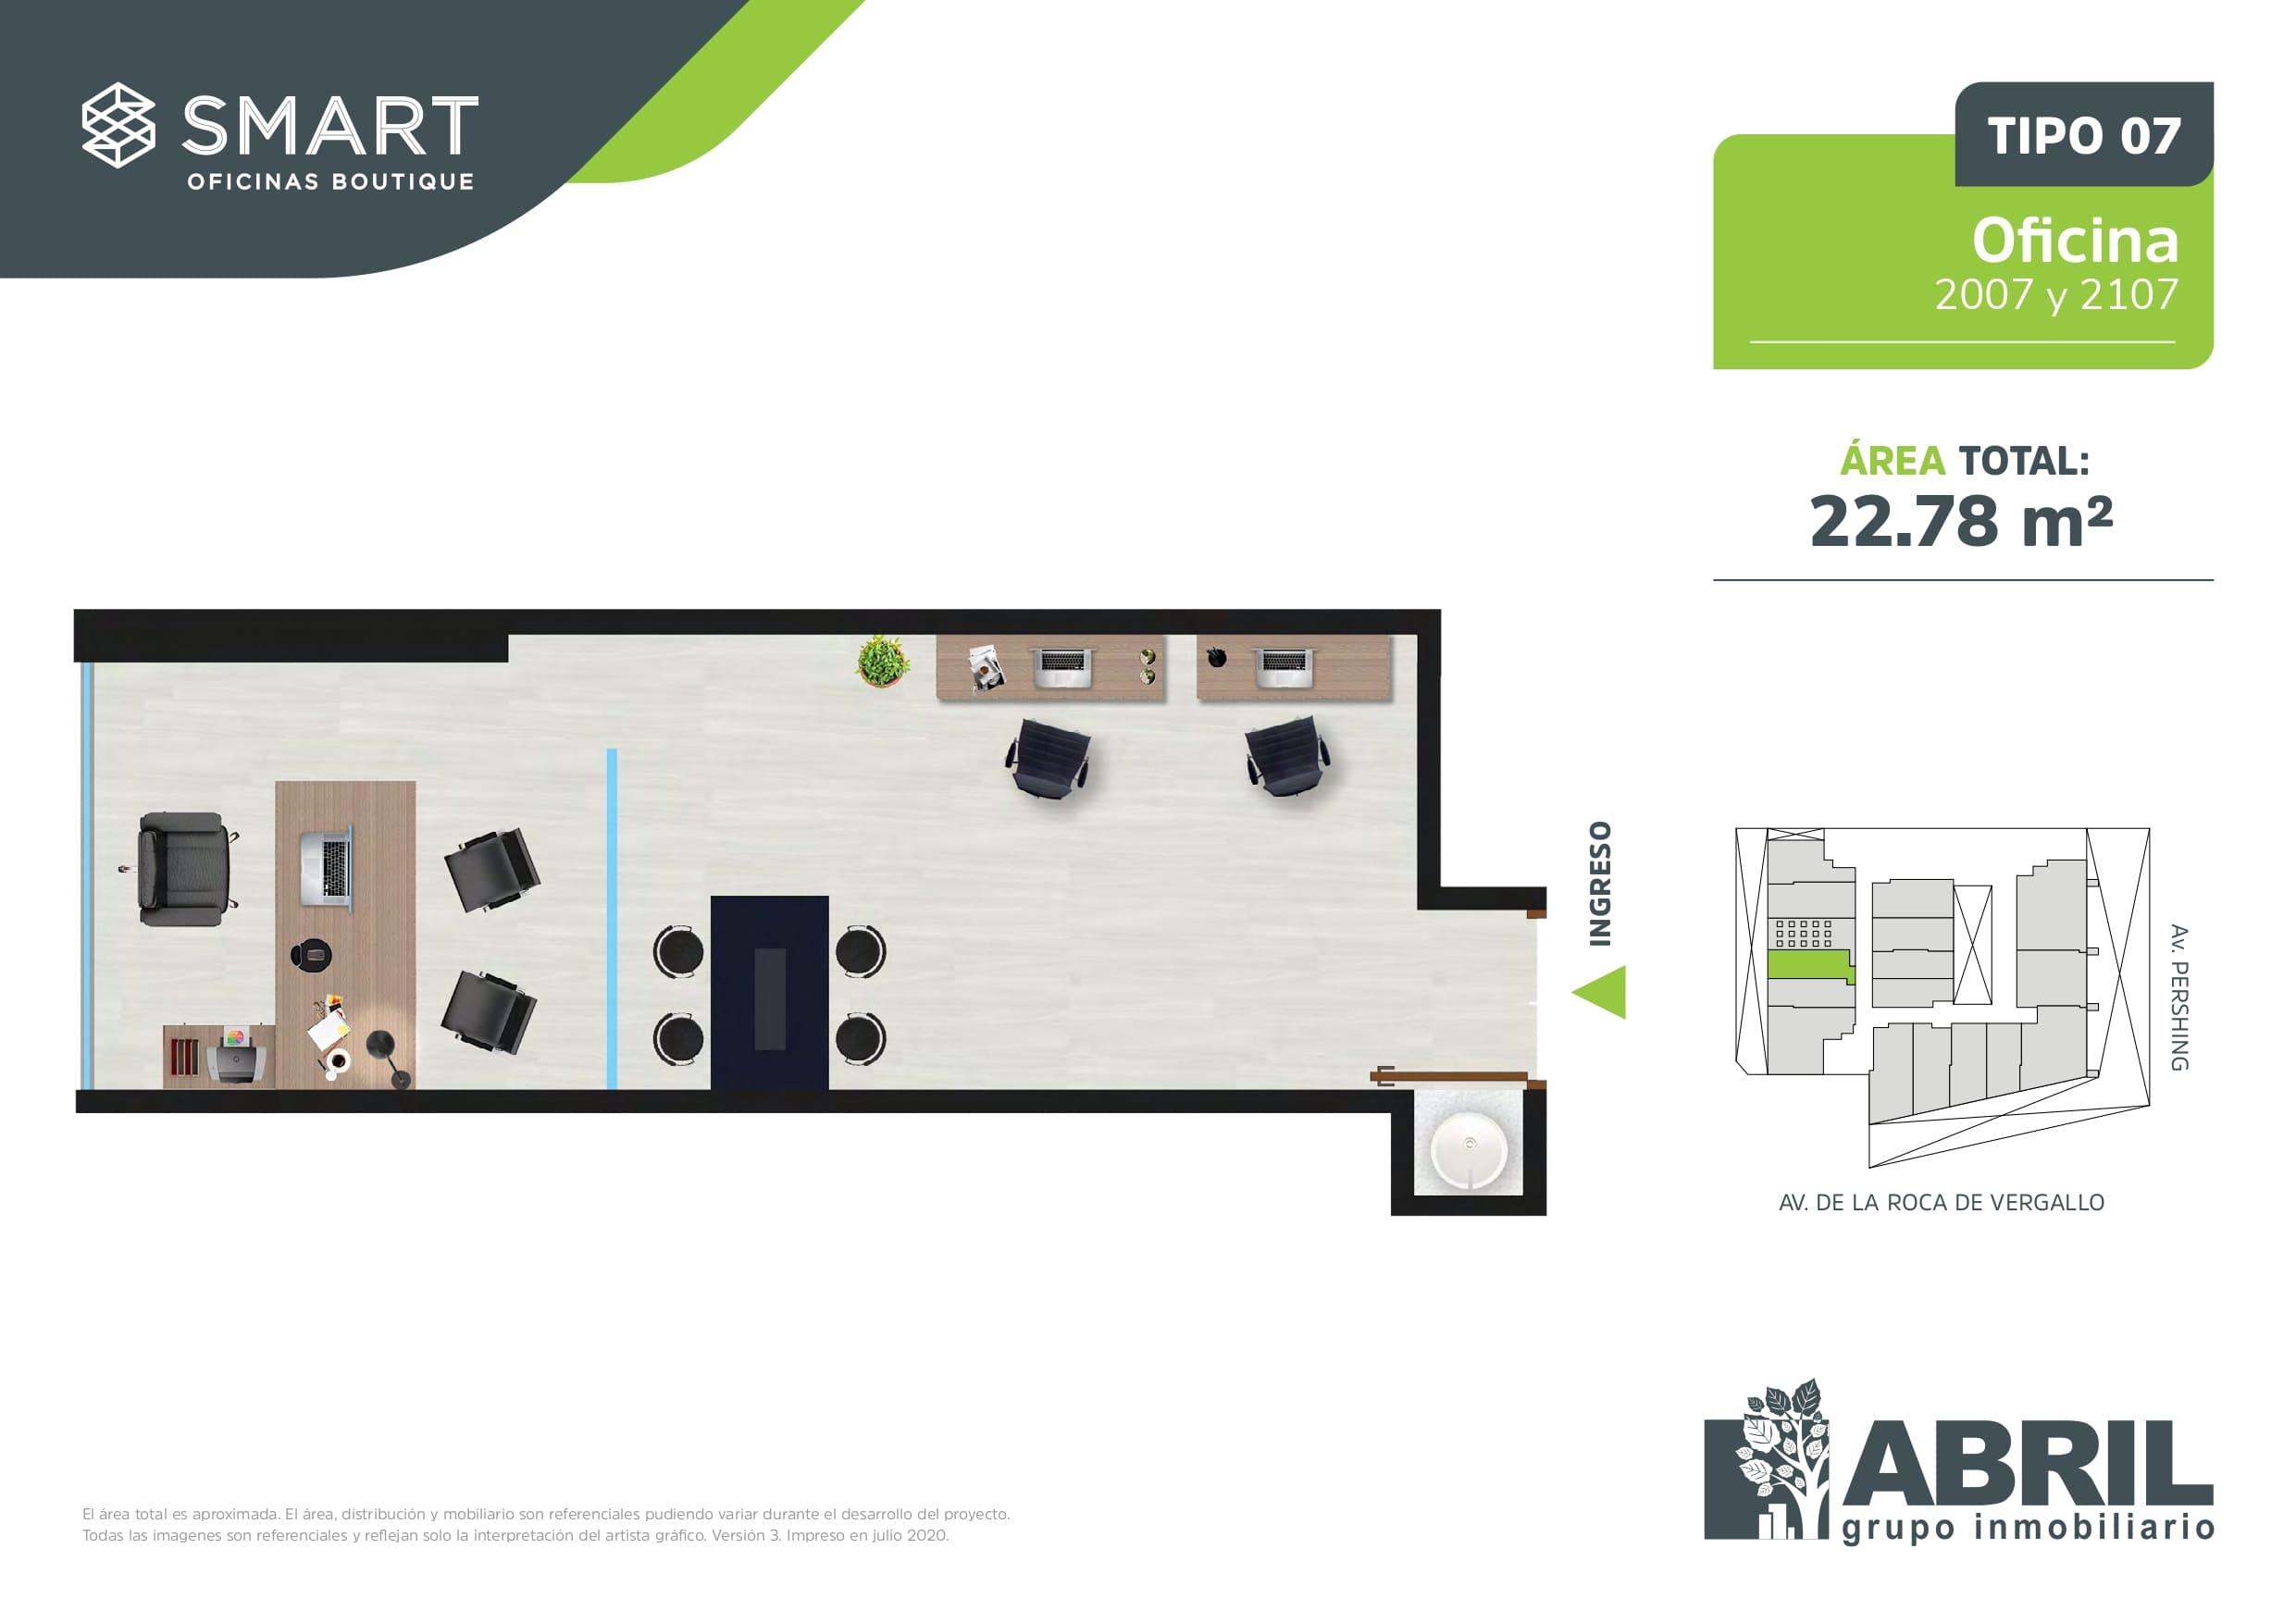 Área total: 22.78 m2